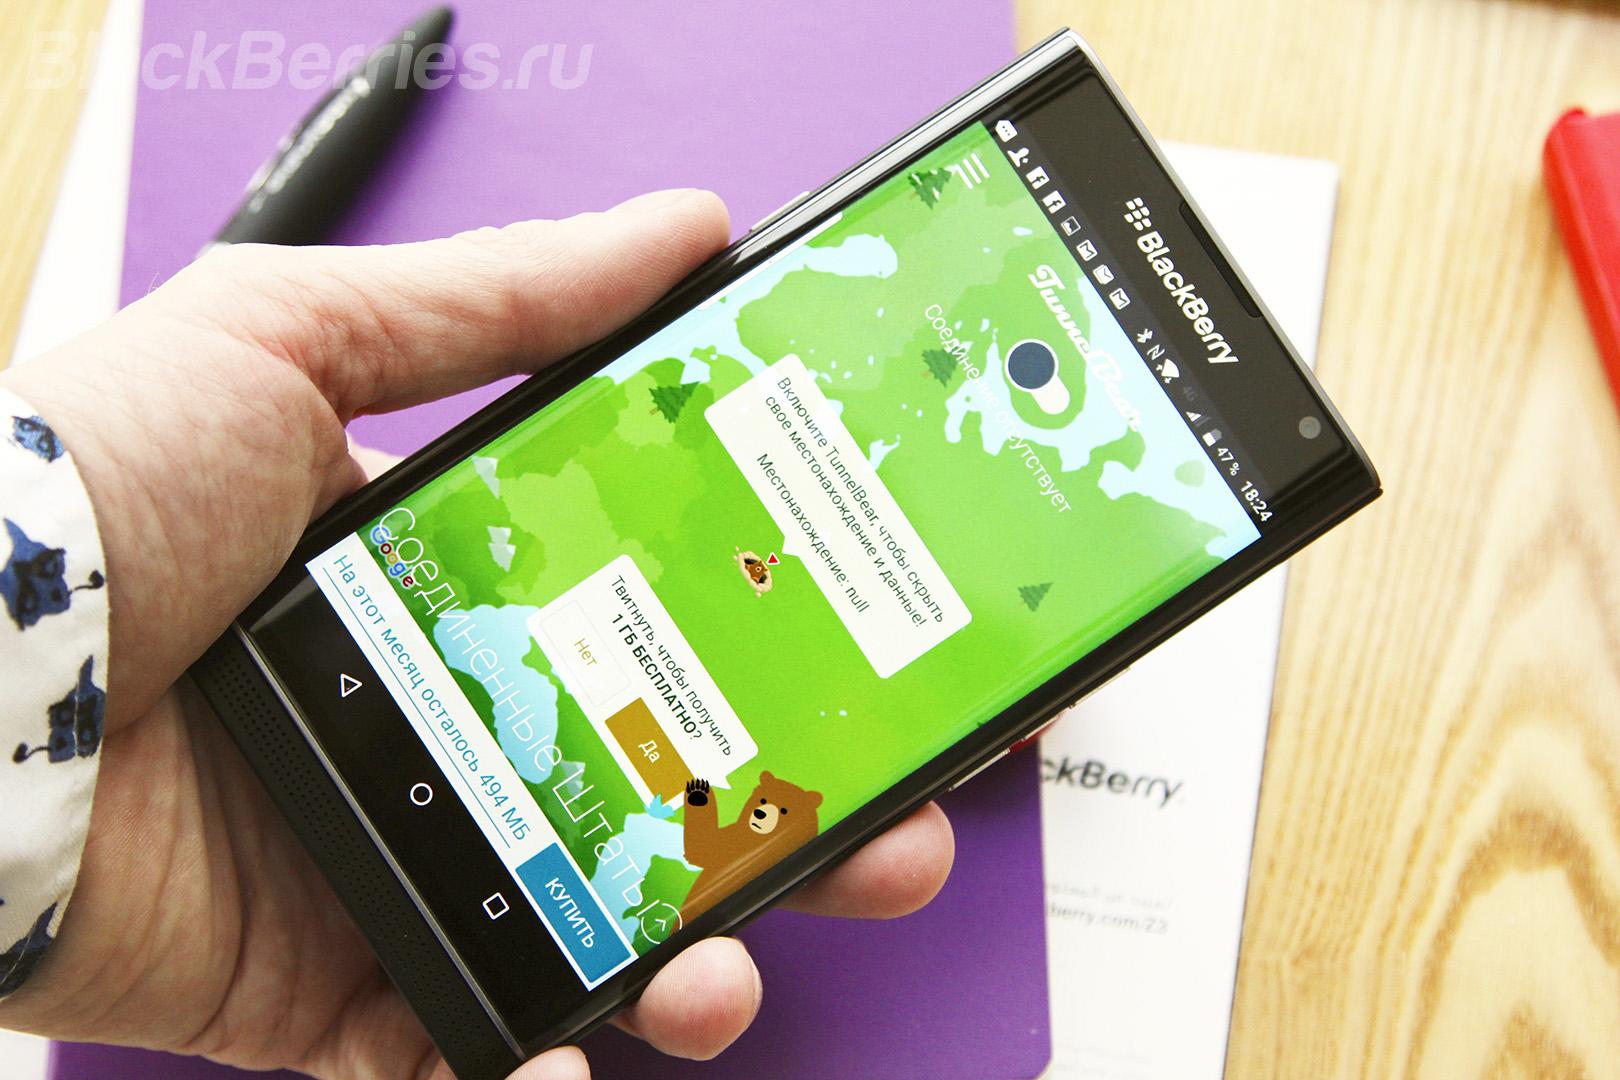 BlackBerry-Apps-21-11-08